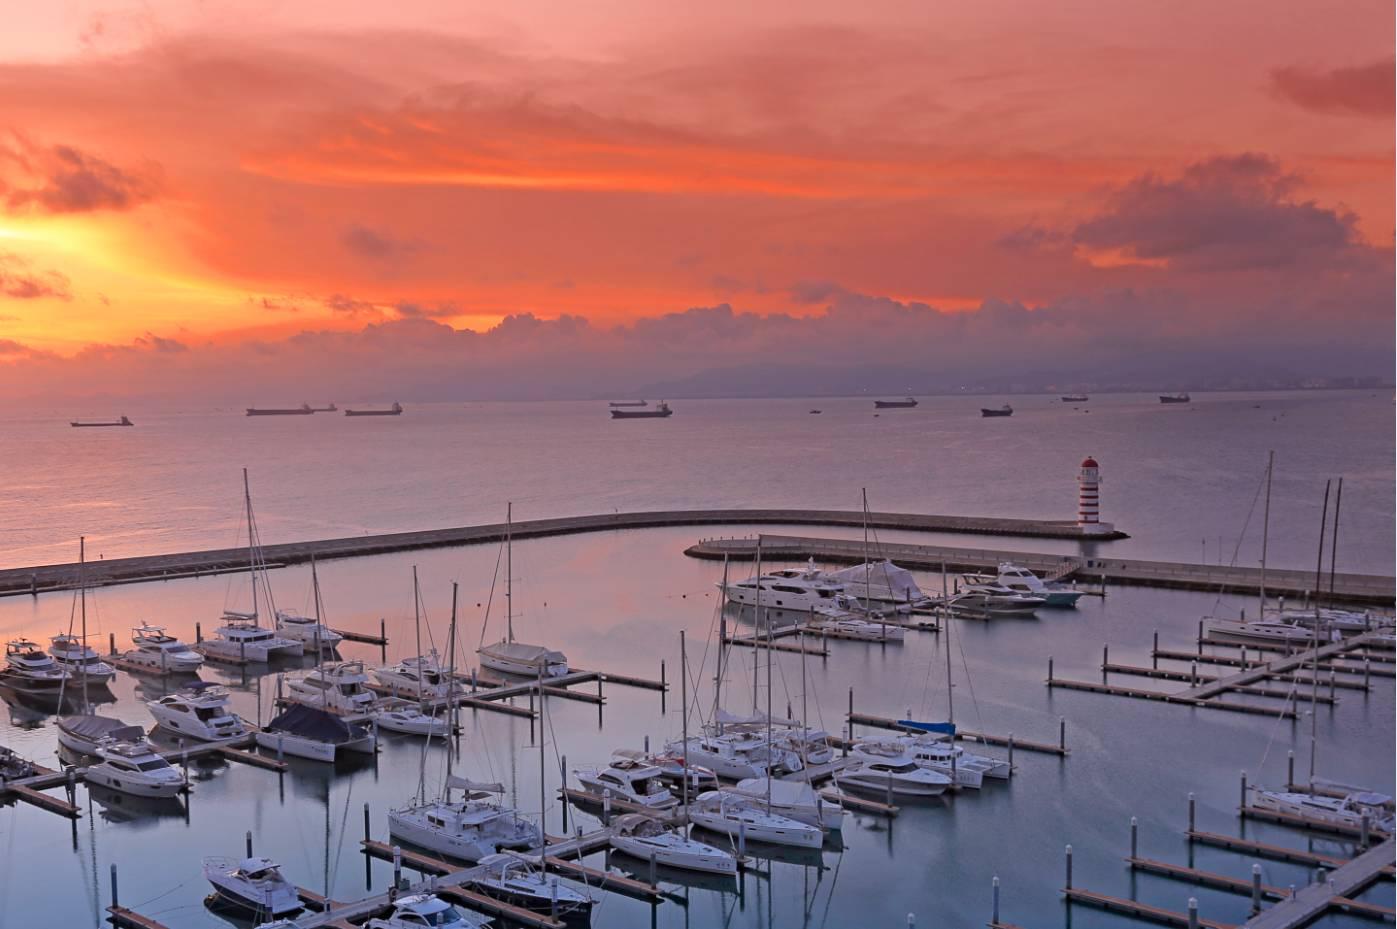 【乘风破浪,扬帆领航】半山半岛帆船港再迎国际帆船赛事 bd10fbd122ea74d0ffa7226564e6ddf7.jpg